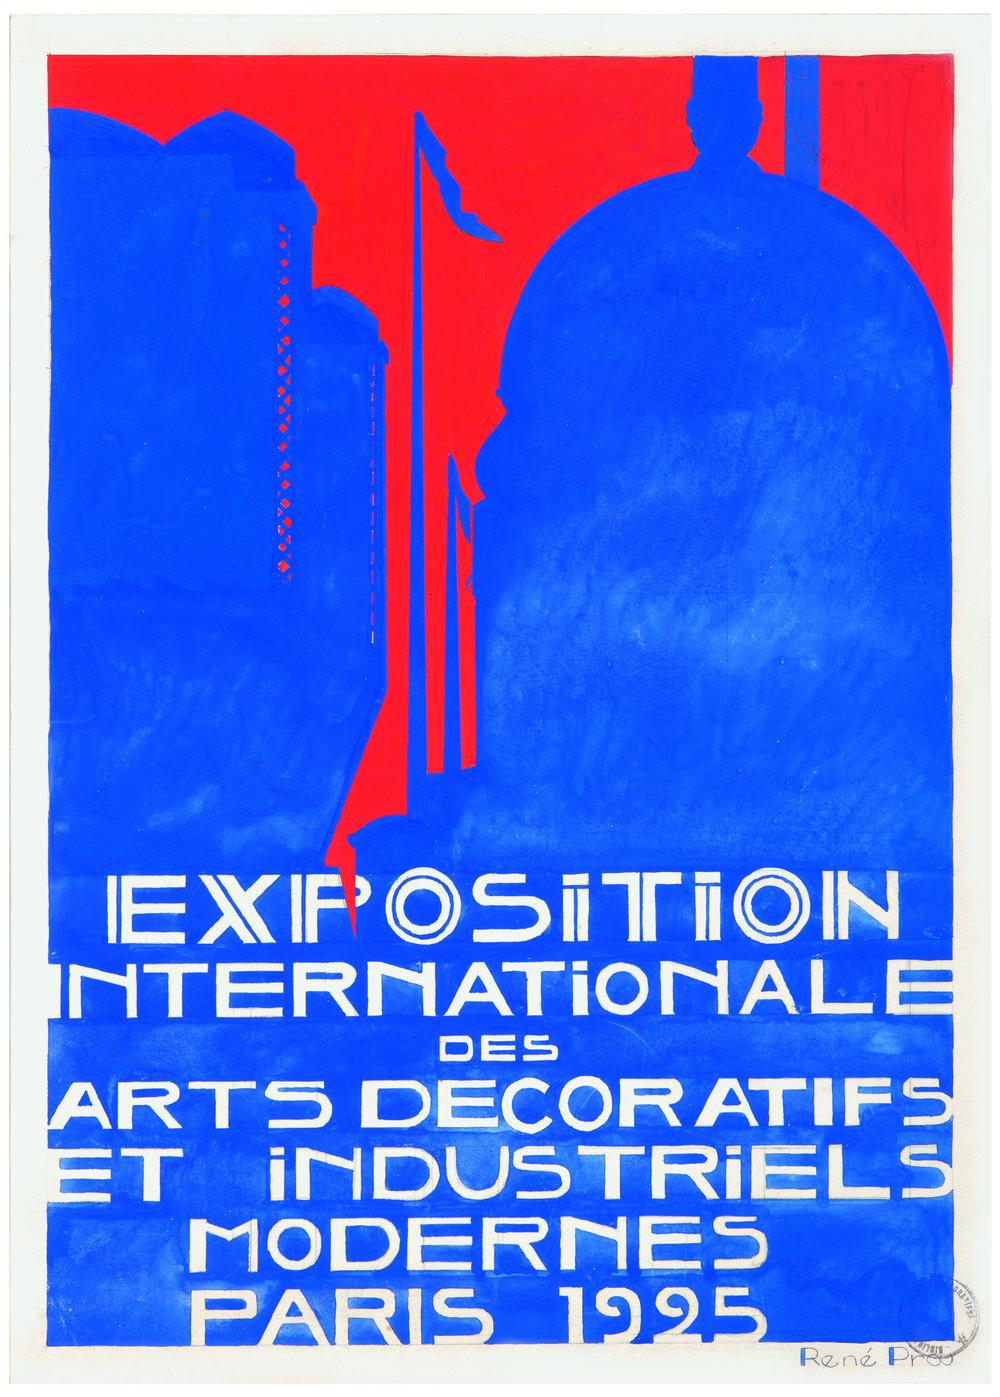 Projets d'affiches signés René Prou pour l'Exposition de 1925. Papier cartonné, gouache, mine de plomb, encre. MAD, Paris.